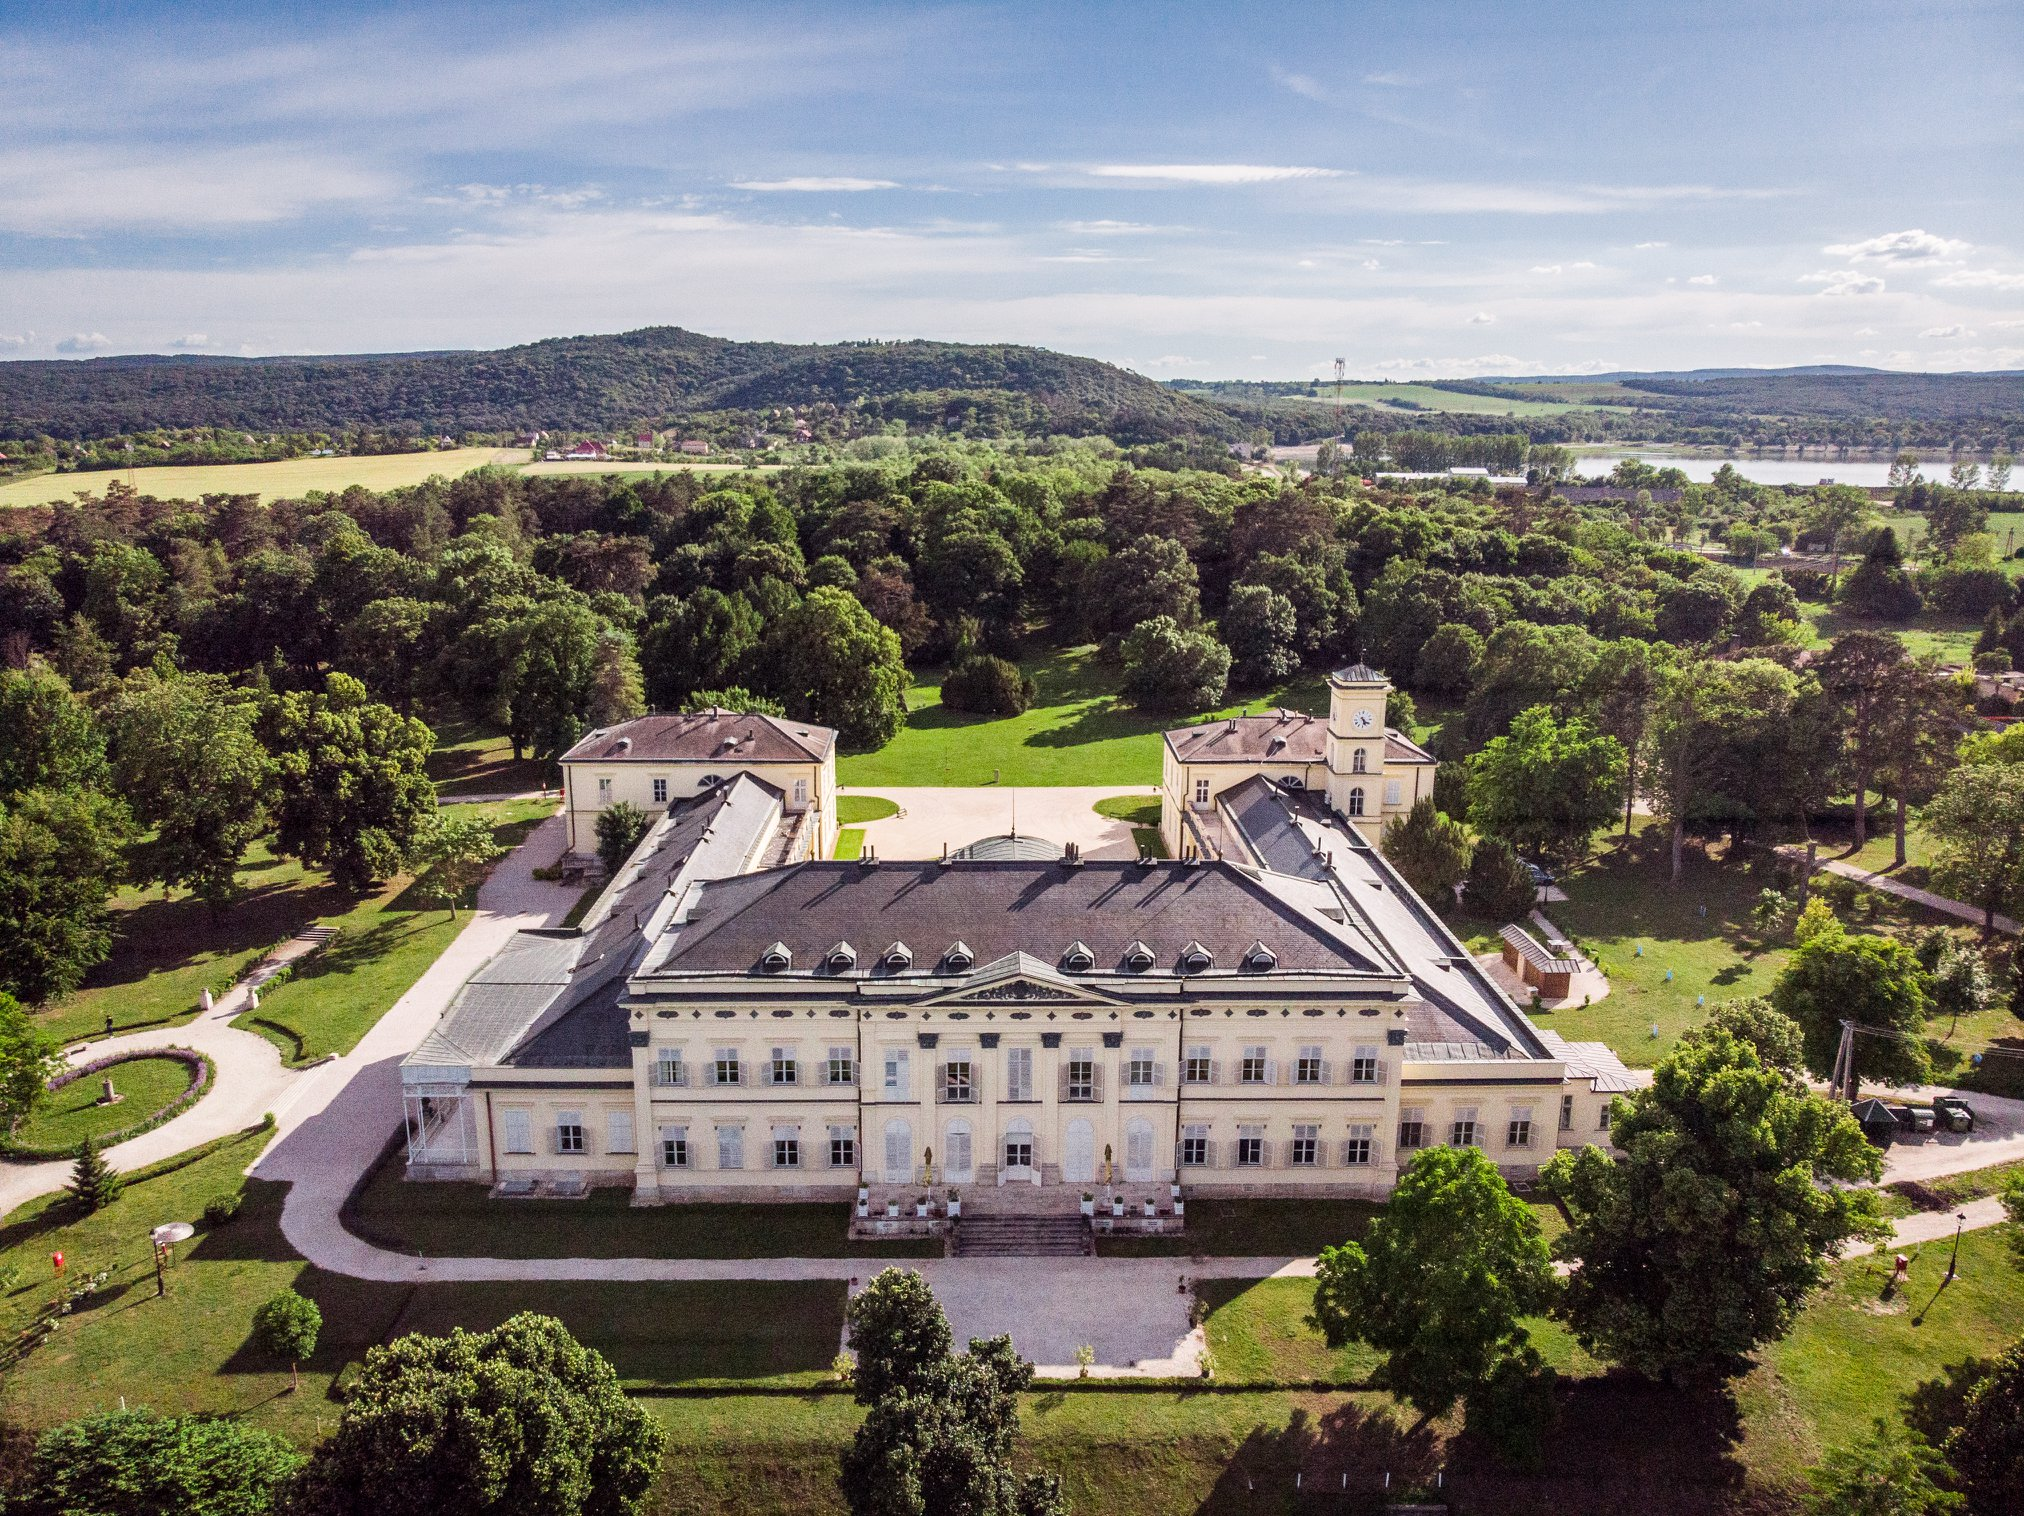 Ungarns Burgen und Schlösser erhalten ihren alten Glanz zurück